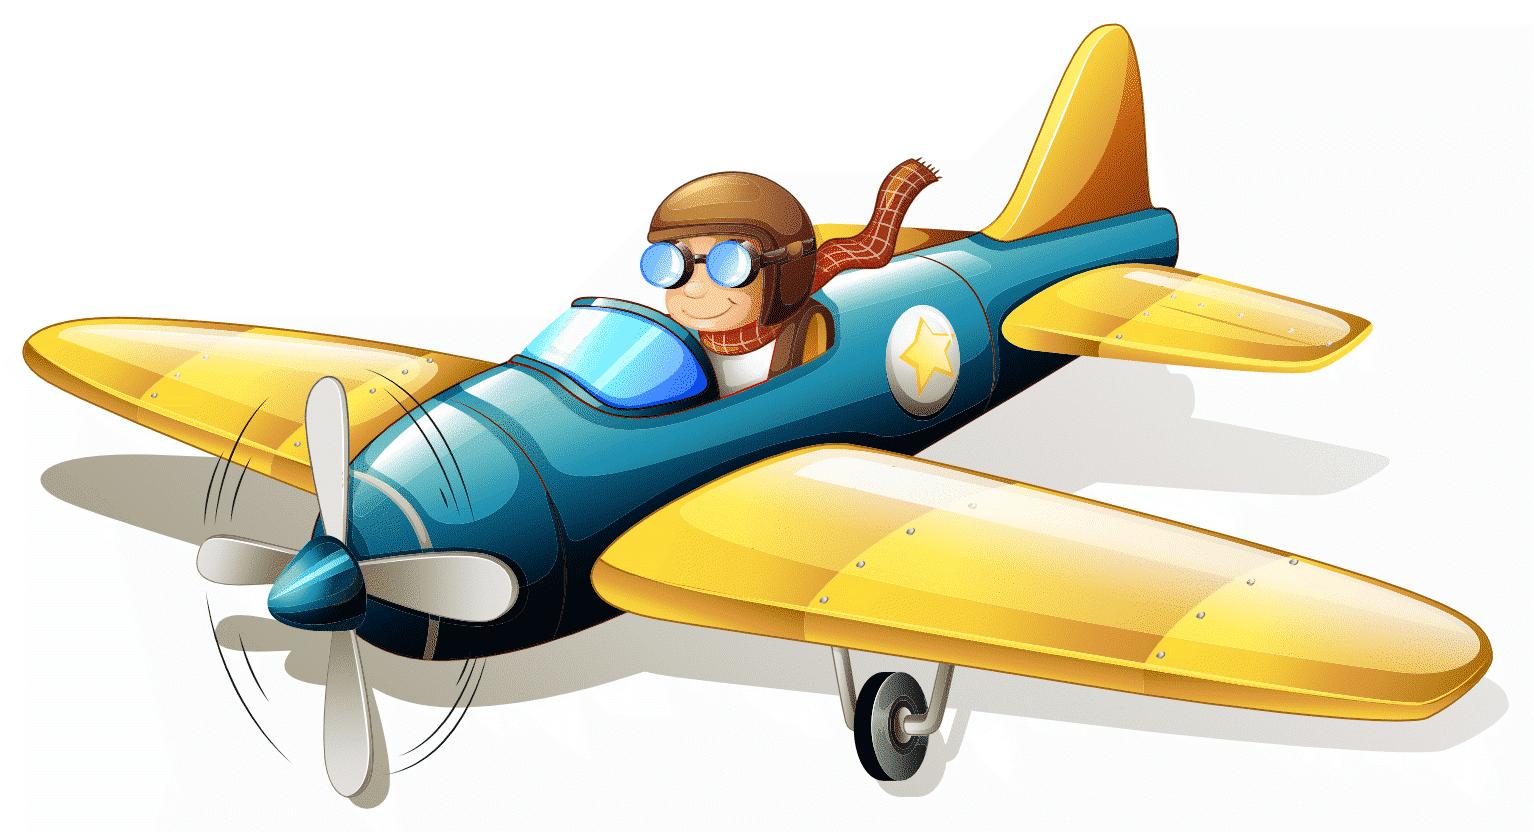 Pilot a Survey